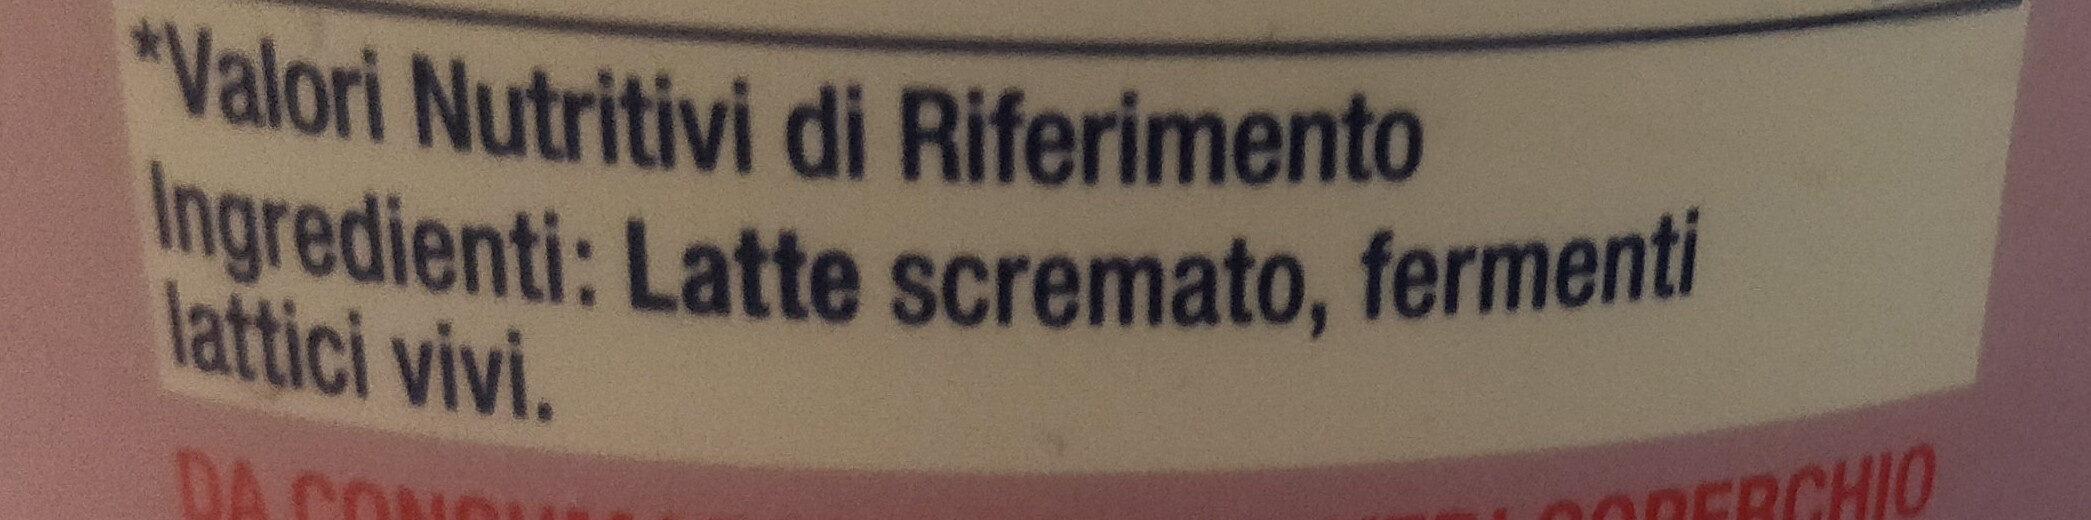 Total 0% grassi - Ingredienti - it